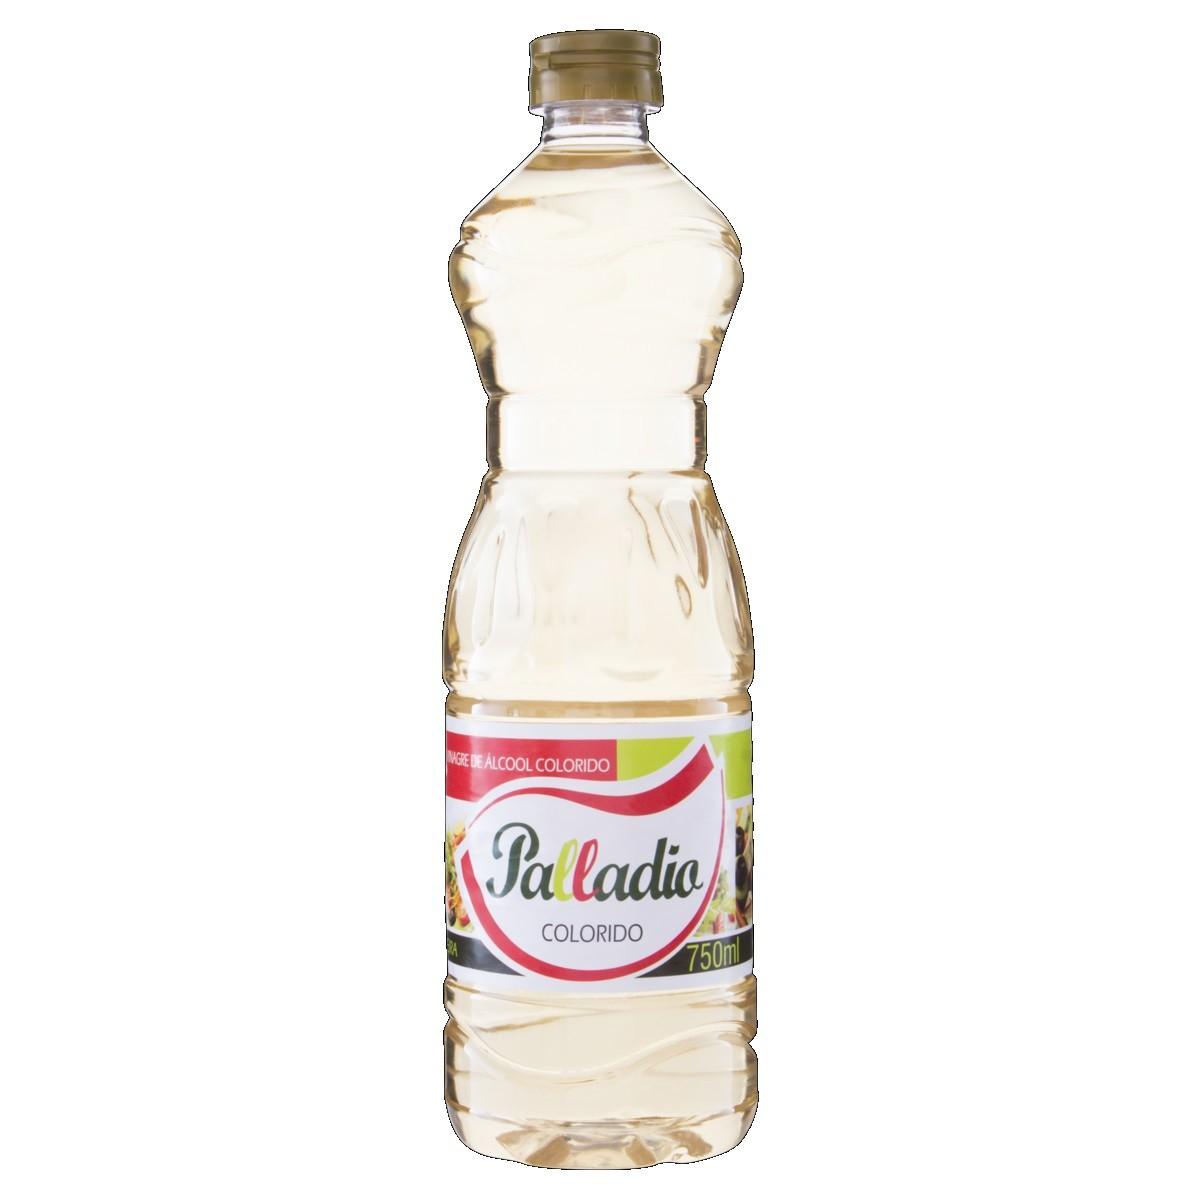 Vinagre de álcool colorido Palladio 750 ml